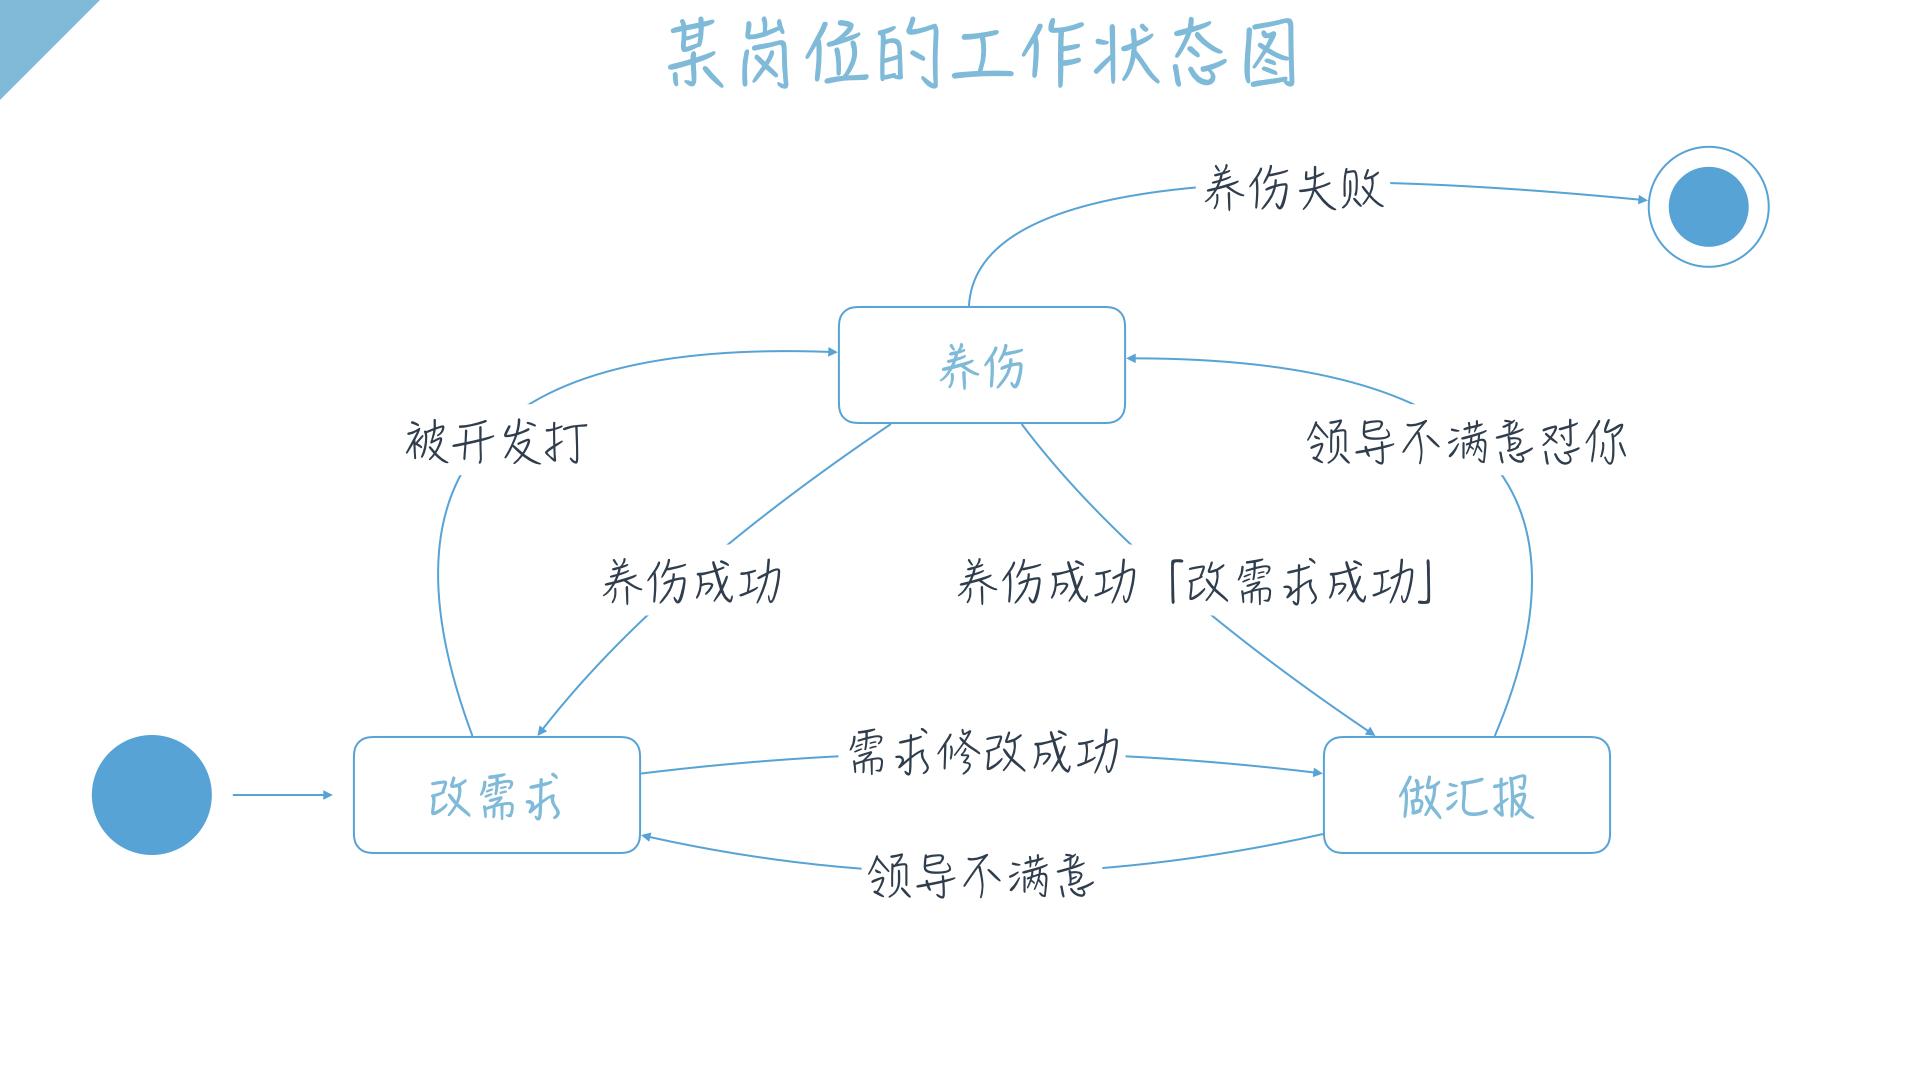 产品经理系列:让产品经理一目了然的状态机图插图(5)